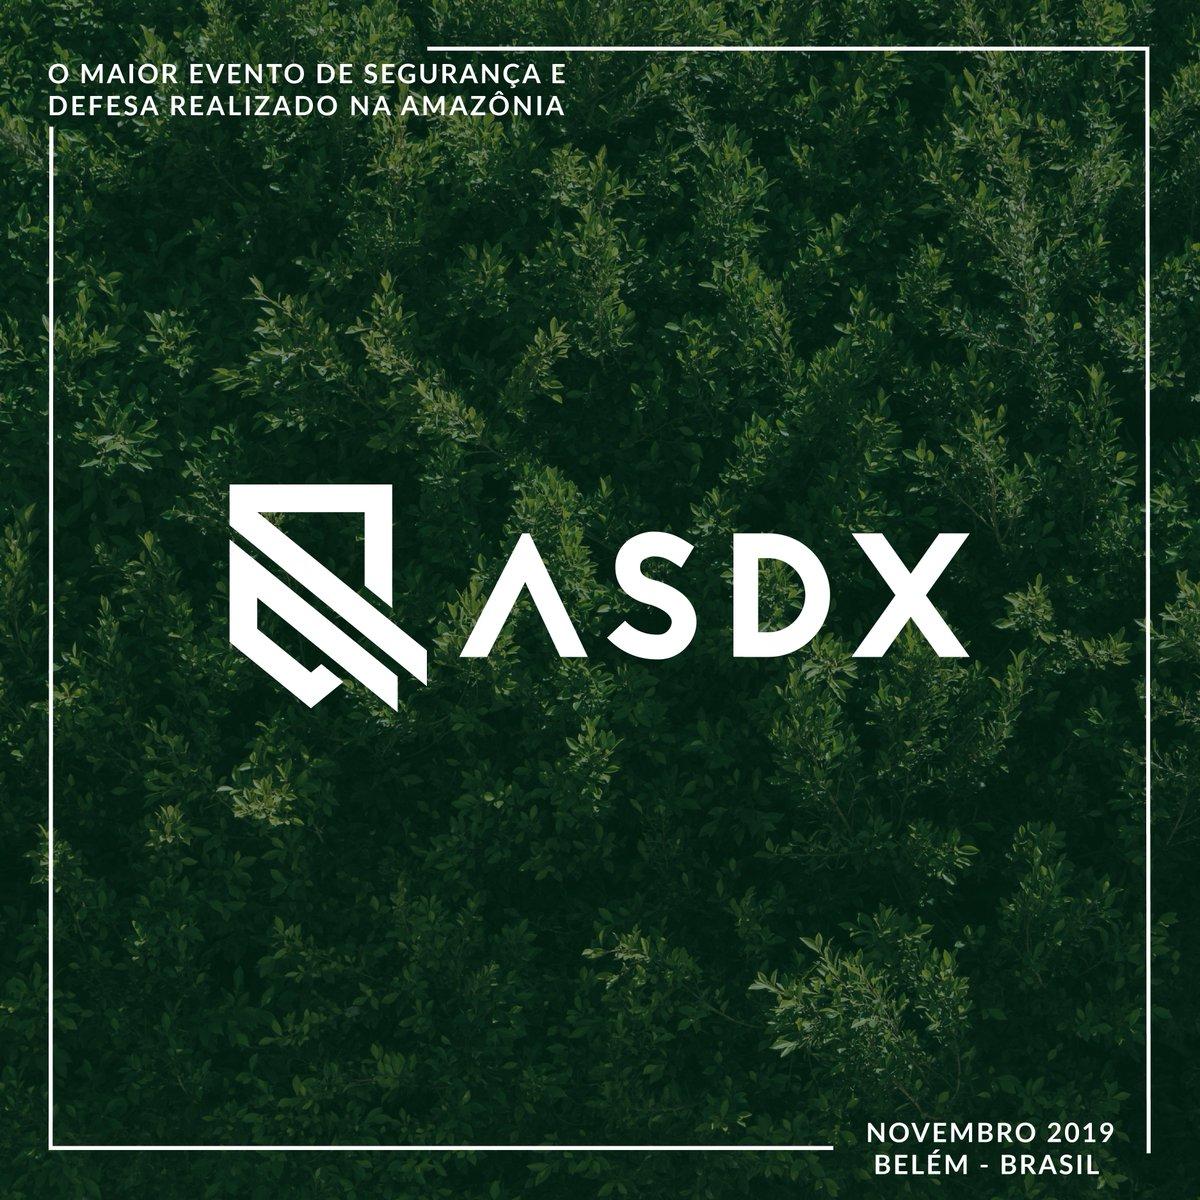 A Amazon Security and Defence Exhibition - ASDX é um evento internacional no qual estarão sendo debatidos grandes temas e  Saiba mais: http://asdx.com.br  #asdx #SegurancaPublica #Amazonia #Tecnologias #ForçasArmadas